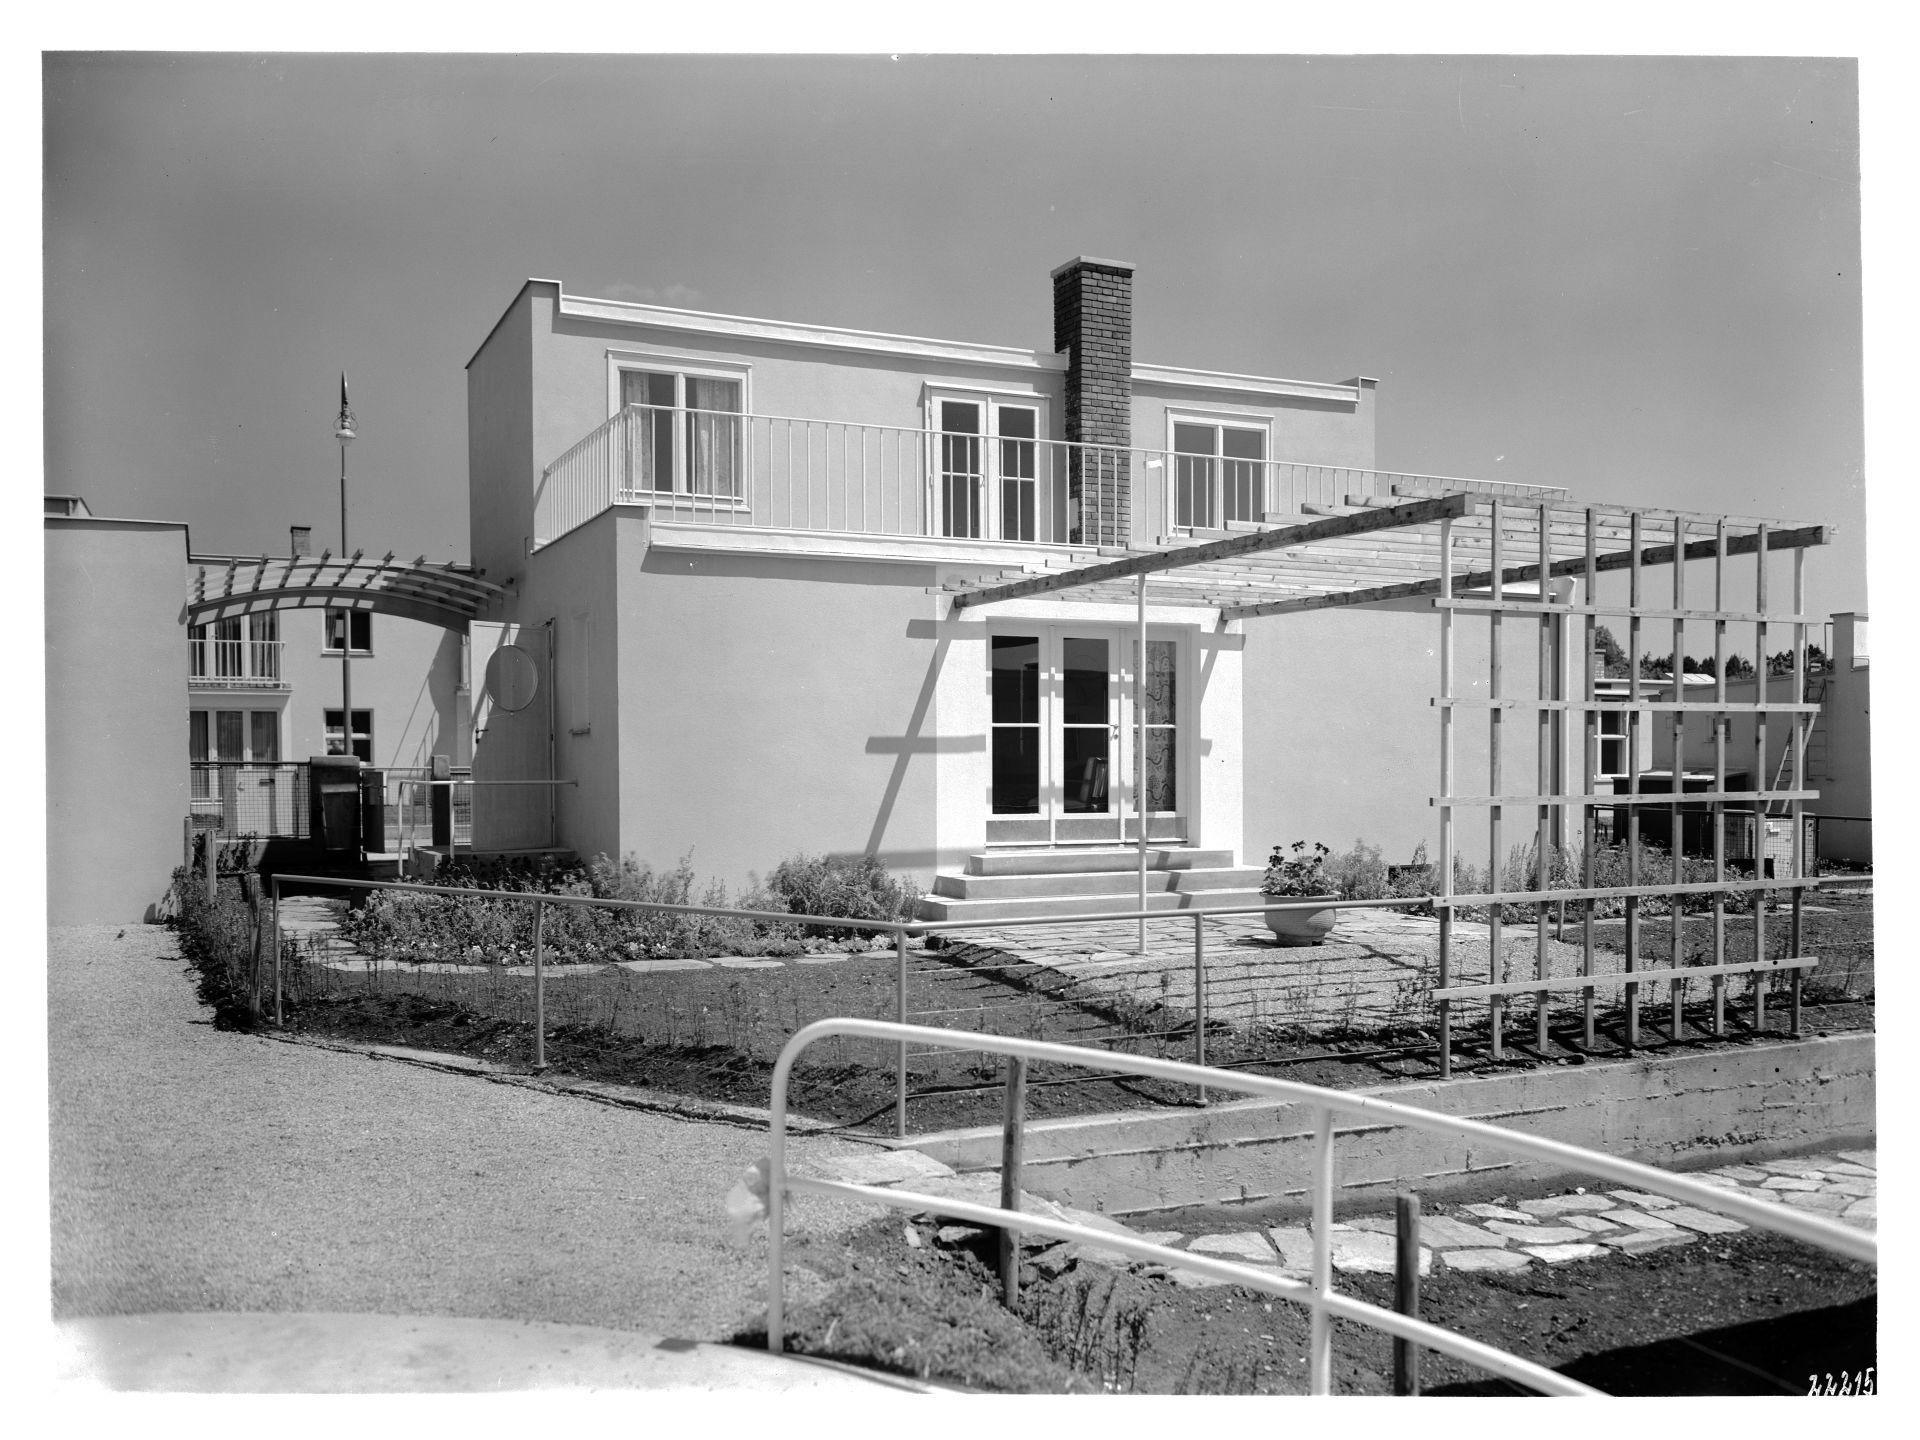 Dom projektu Josefa Franka, 1932 © Architekturzentrum Wien, Sammlung, Zdjęcie: Julius Scherb (źródło: materiały prasowe organizatora)